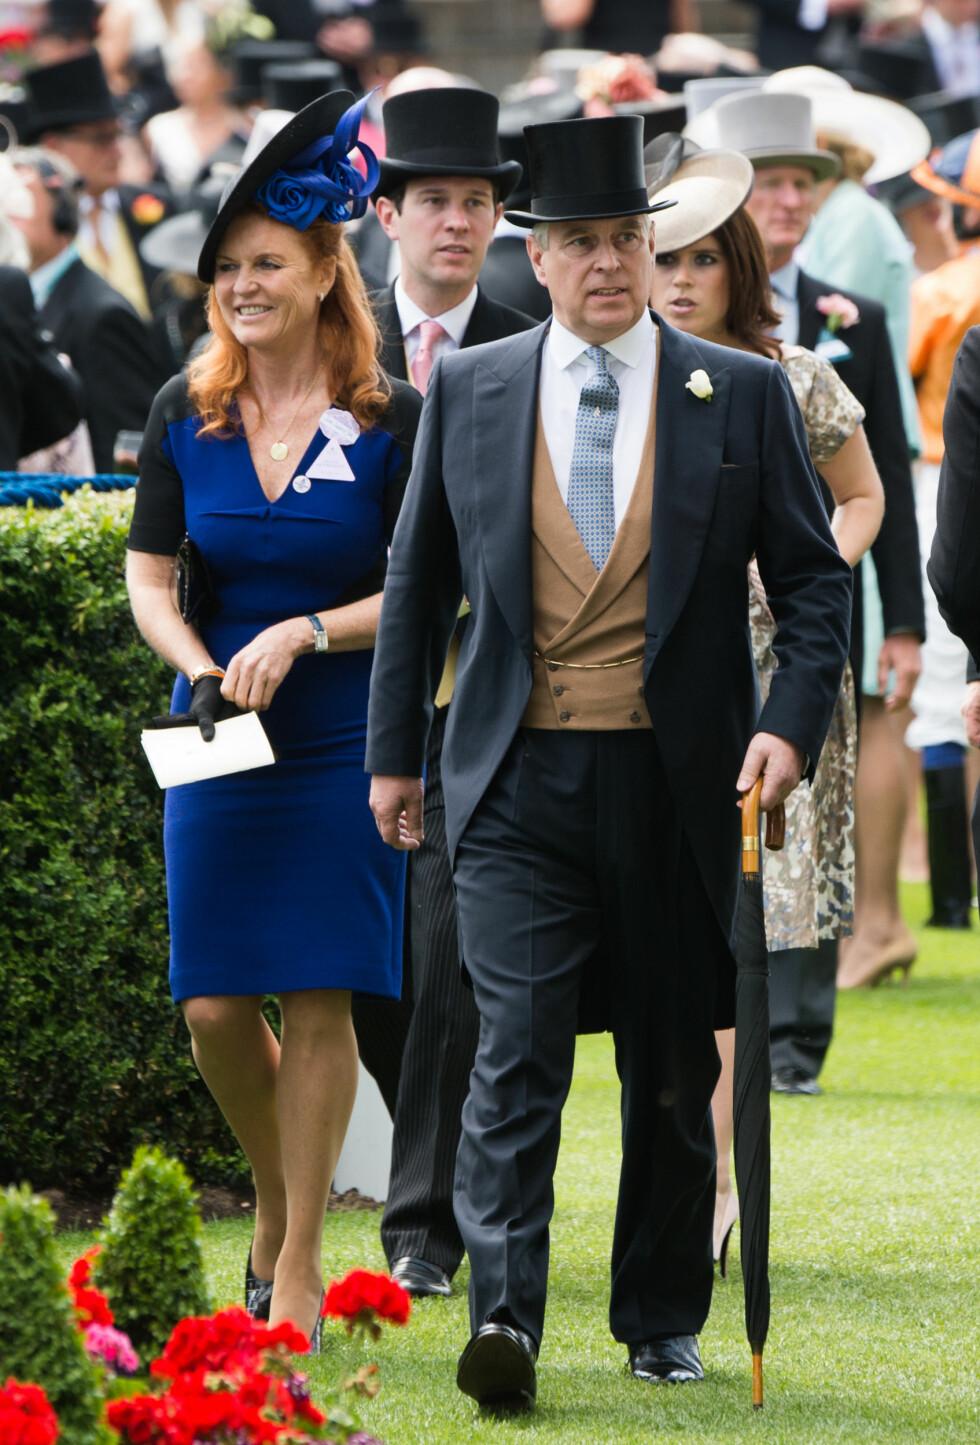 <strong>TATT GODT IMOT AV FAMILIEN:</strong> Sarah Ferguson og eksmannen prins Andrew skal ha tatt Jack Brooksbank godt imot og regner ham allerede som et familiemedlem. Under en tilstelning på Royal Ascot i fjor sommer hadde prinsesse Eugenie (bak) med seg kjæresten Jack.  Foto: NTB Scanpix